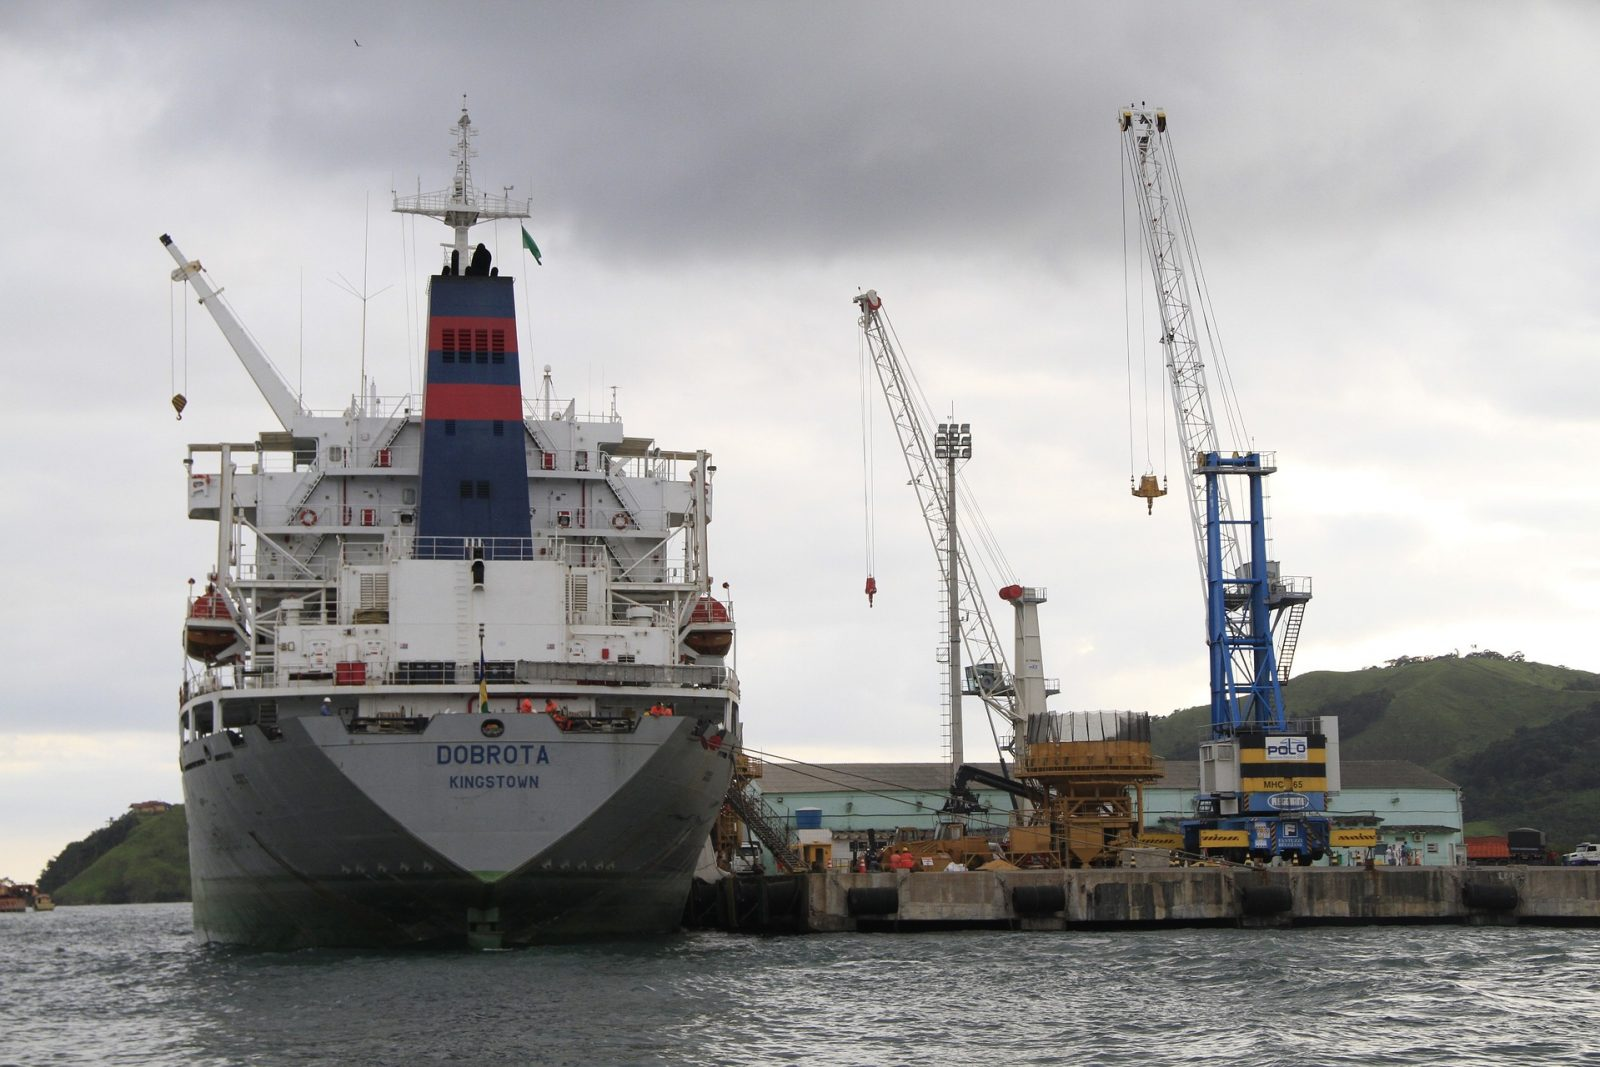 Buritan Kapal dan Konstruksi Haluan dalam Pembuatan Kapal